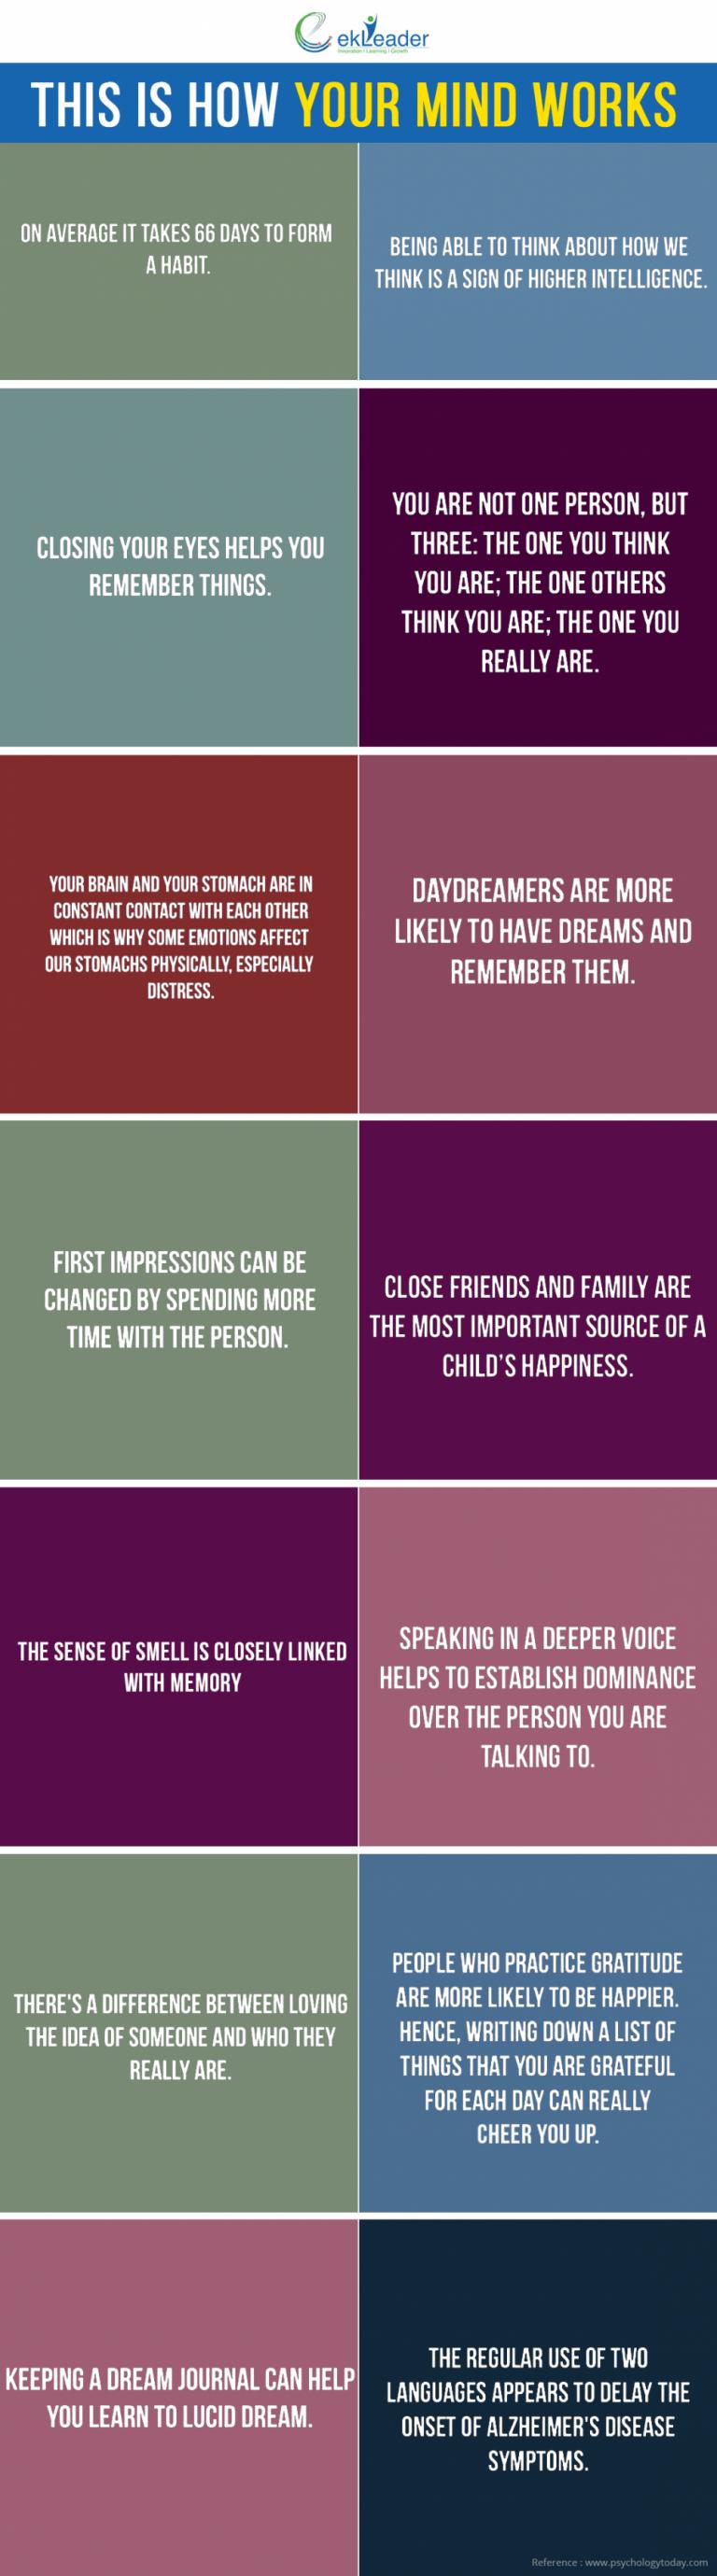 Infographic - Wie unser Verstand arbeitet - via ekleader.com